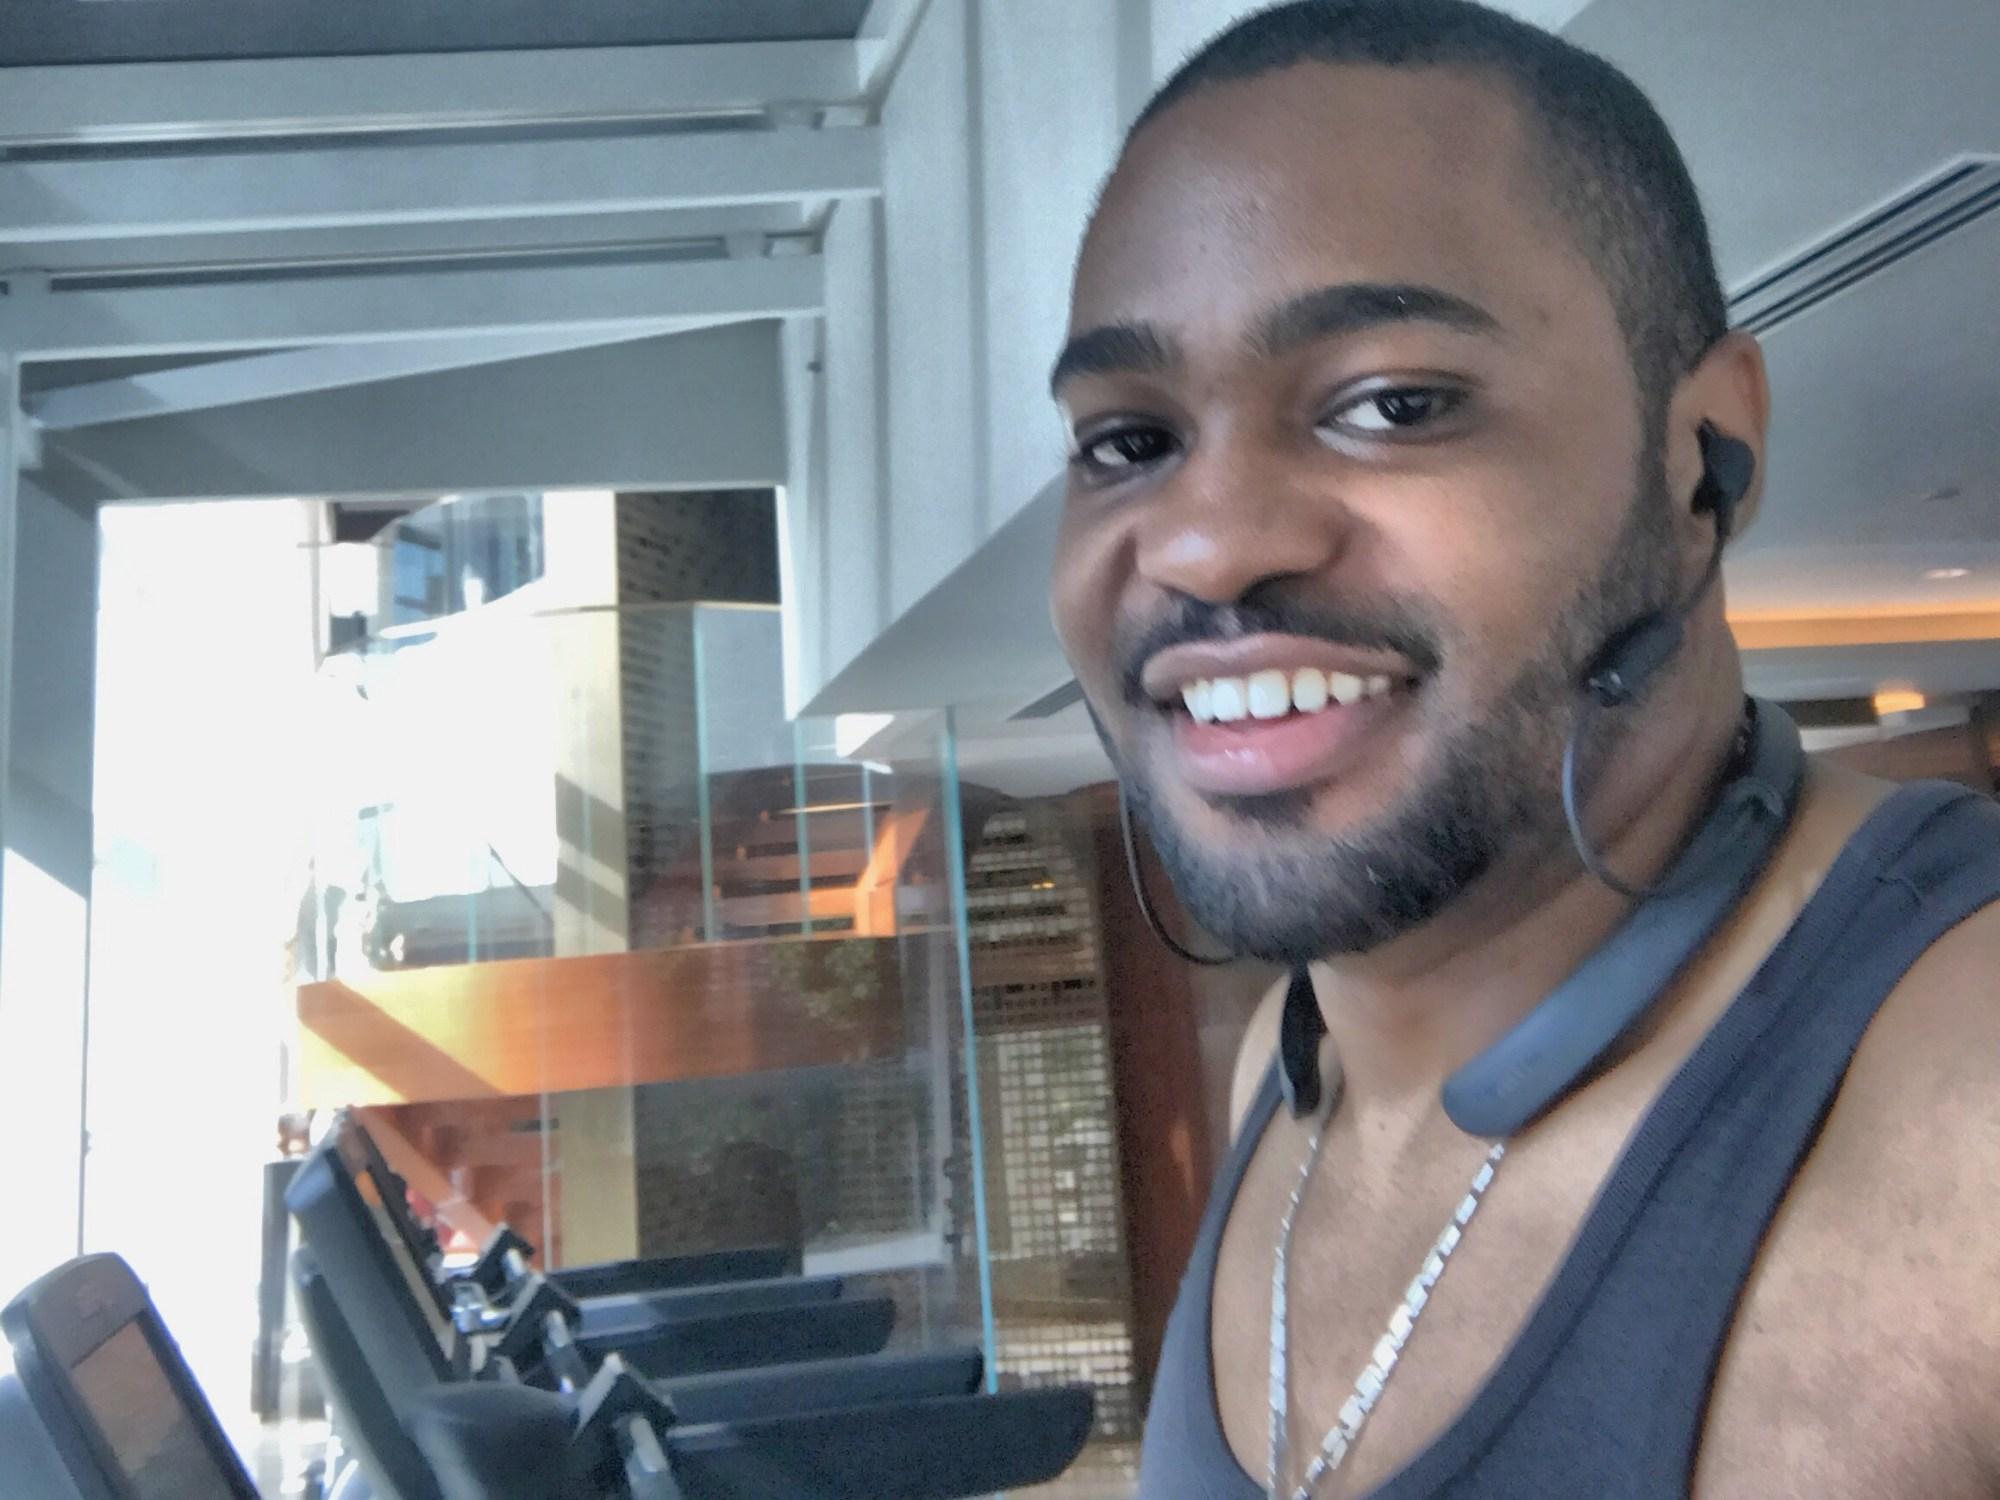 Call My Name Tyrone Smith Prince Dubai UAE music nyc gym workout positive